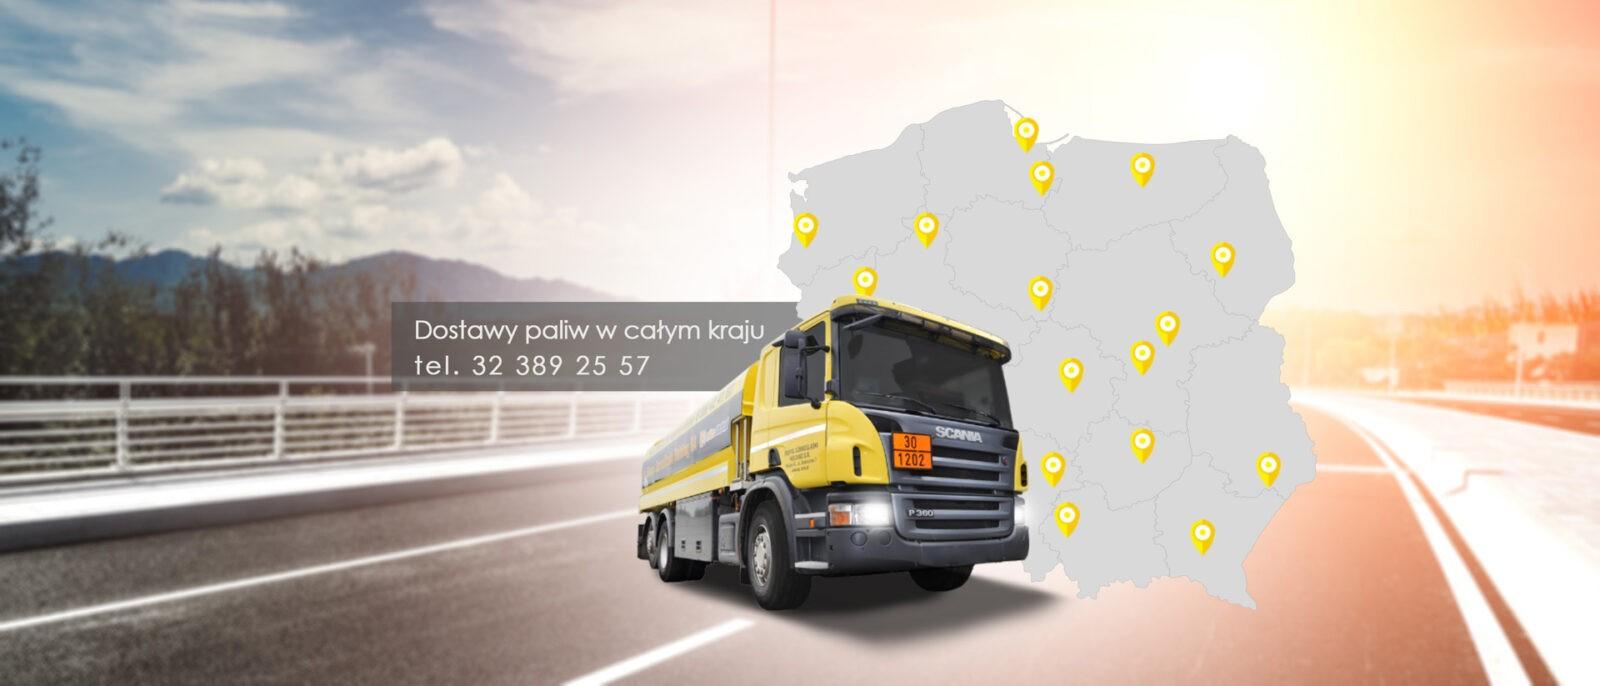 Zaawansowane dostawy paliw płynnych wraz z automatyczną obsługą SENT